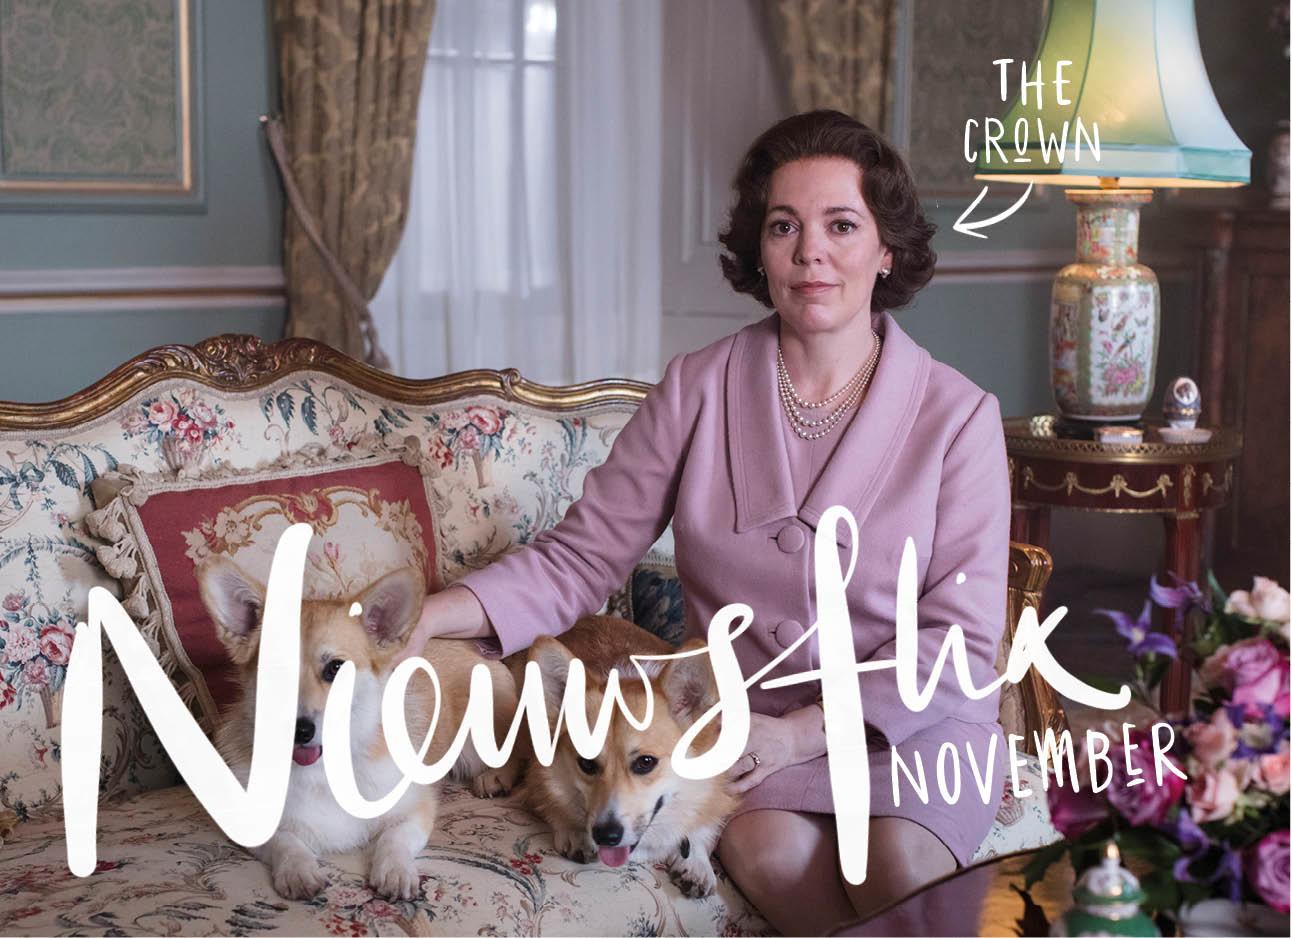 nieuwsflix van de maand december met als beeld een stukje uit the crown